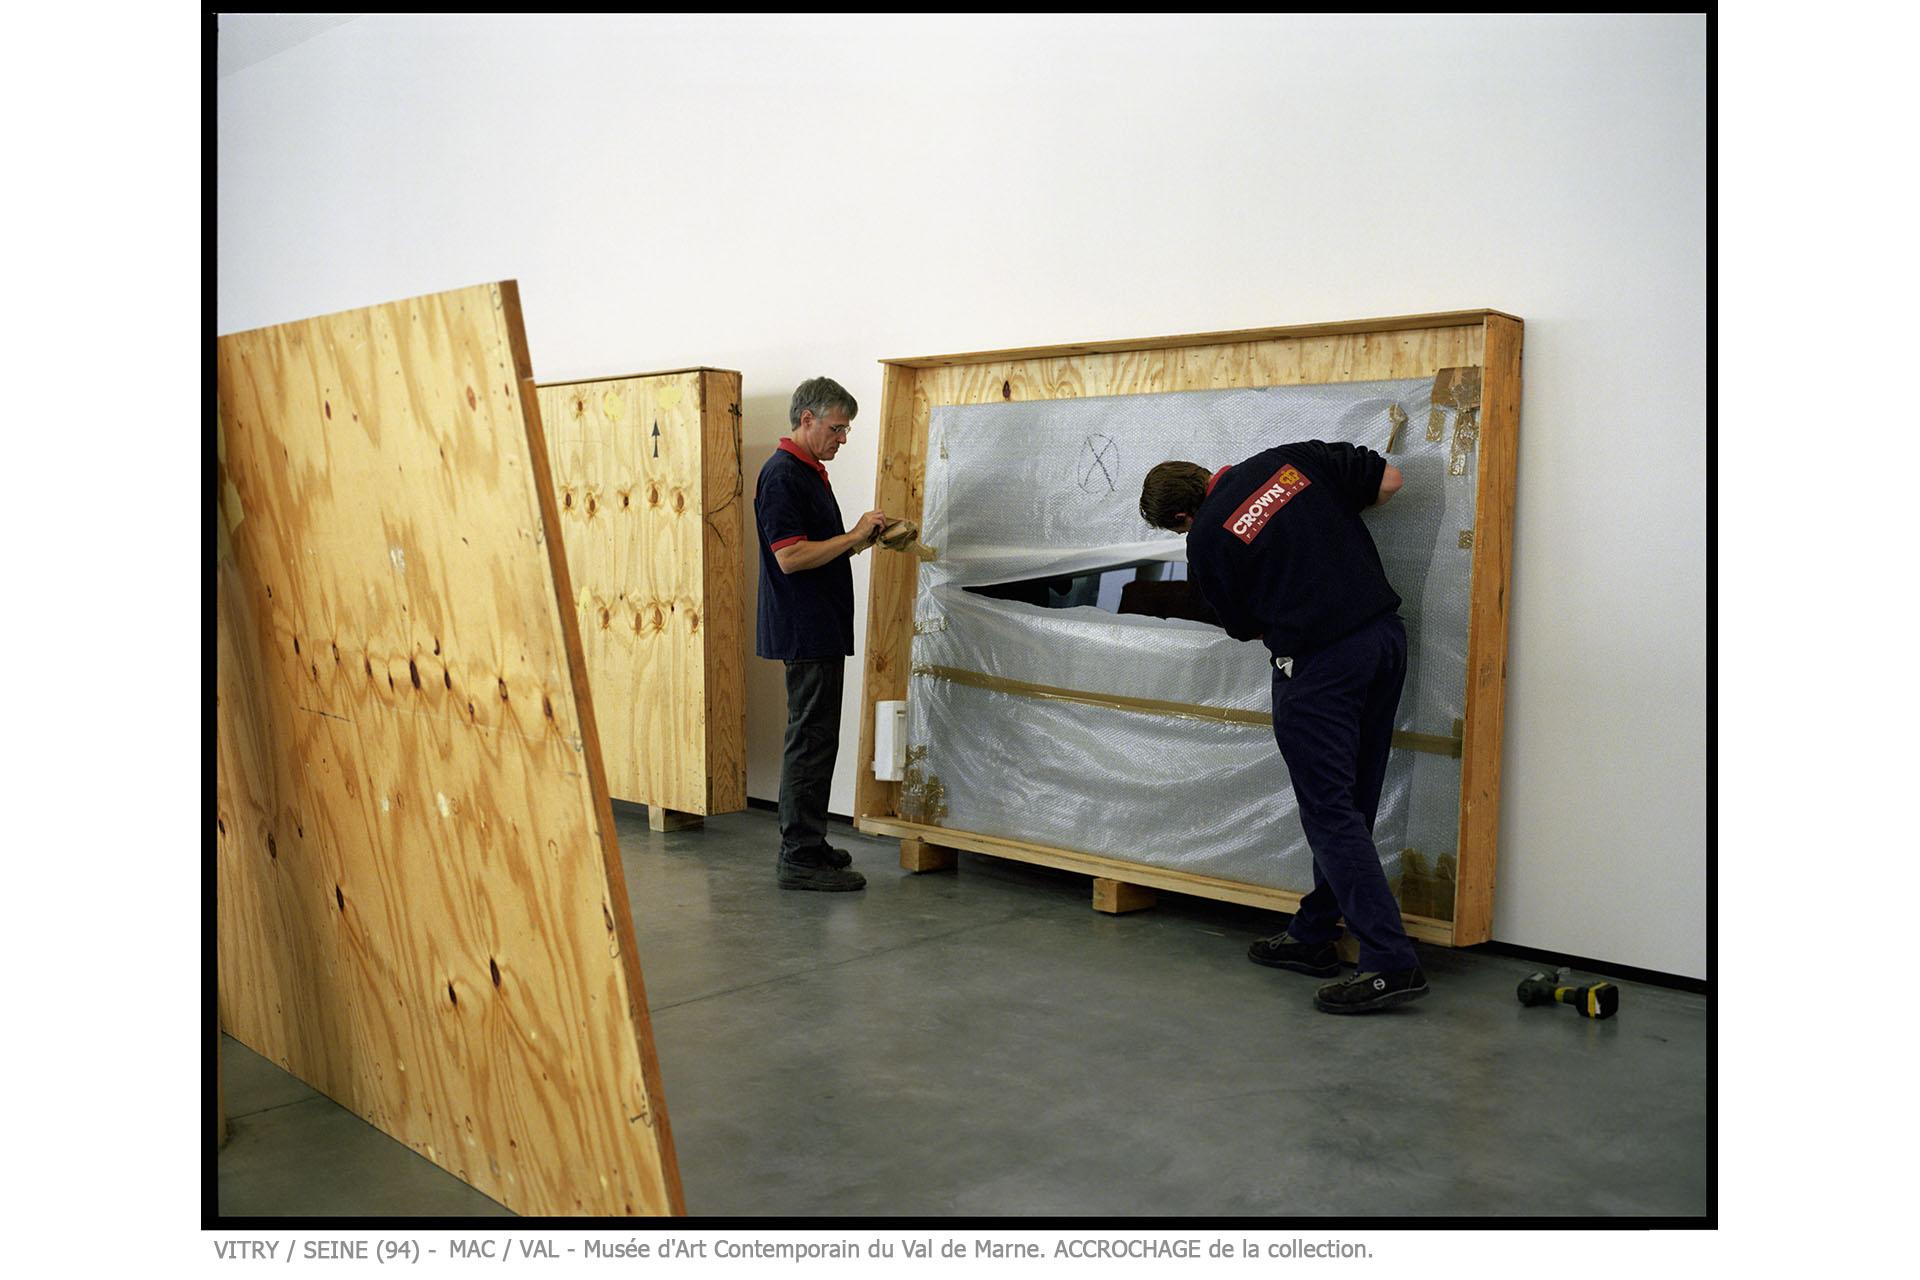 ouverture du mac val / vitry sur seine (94)